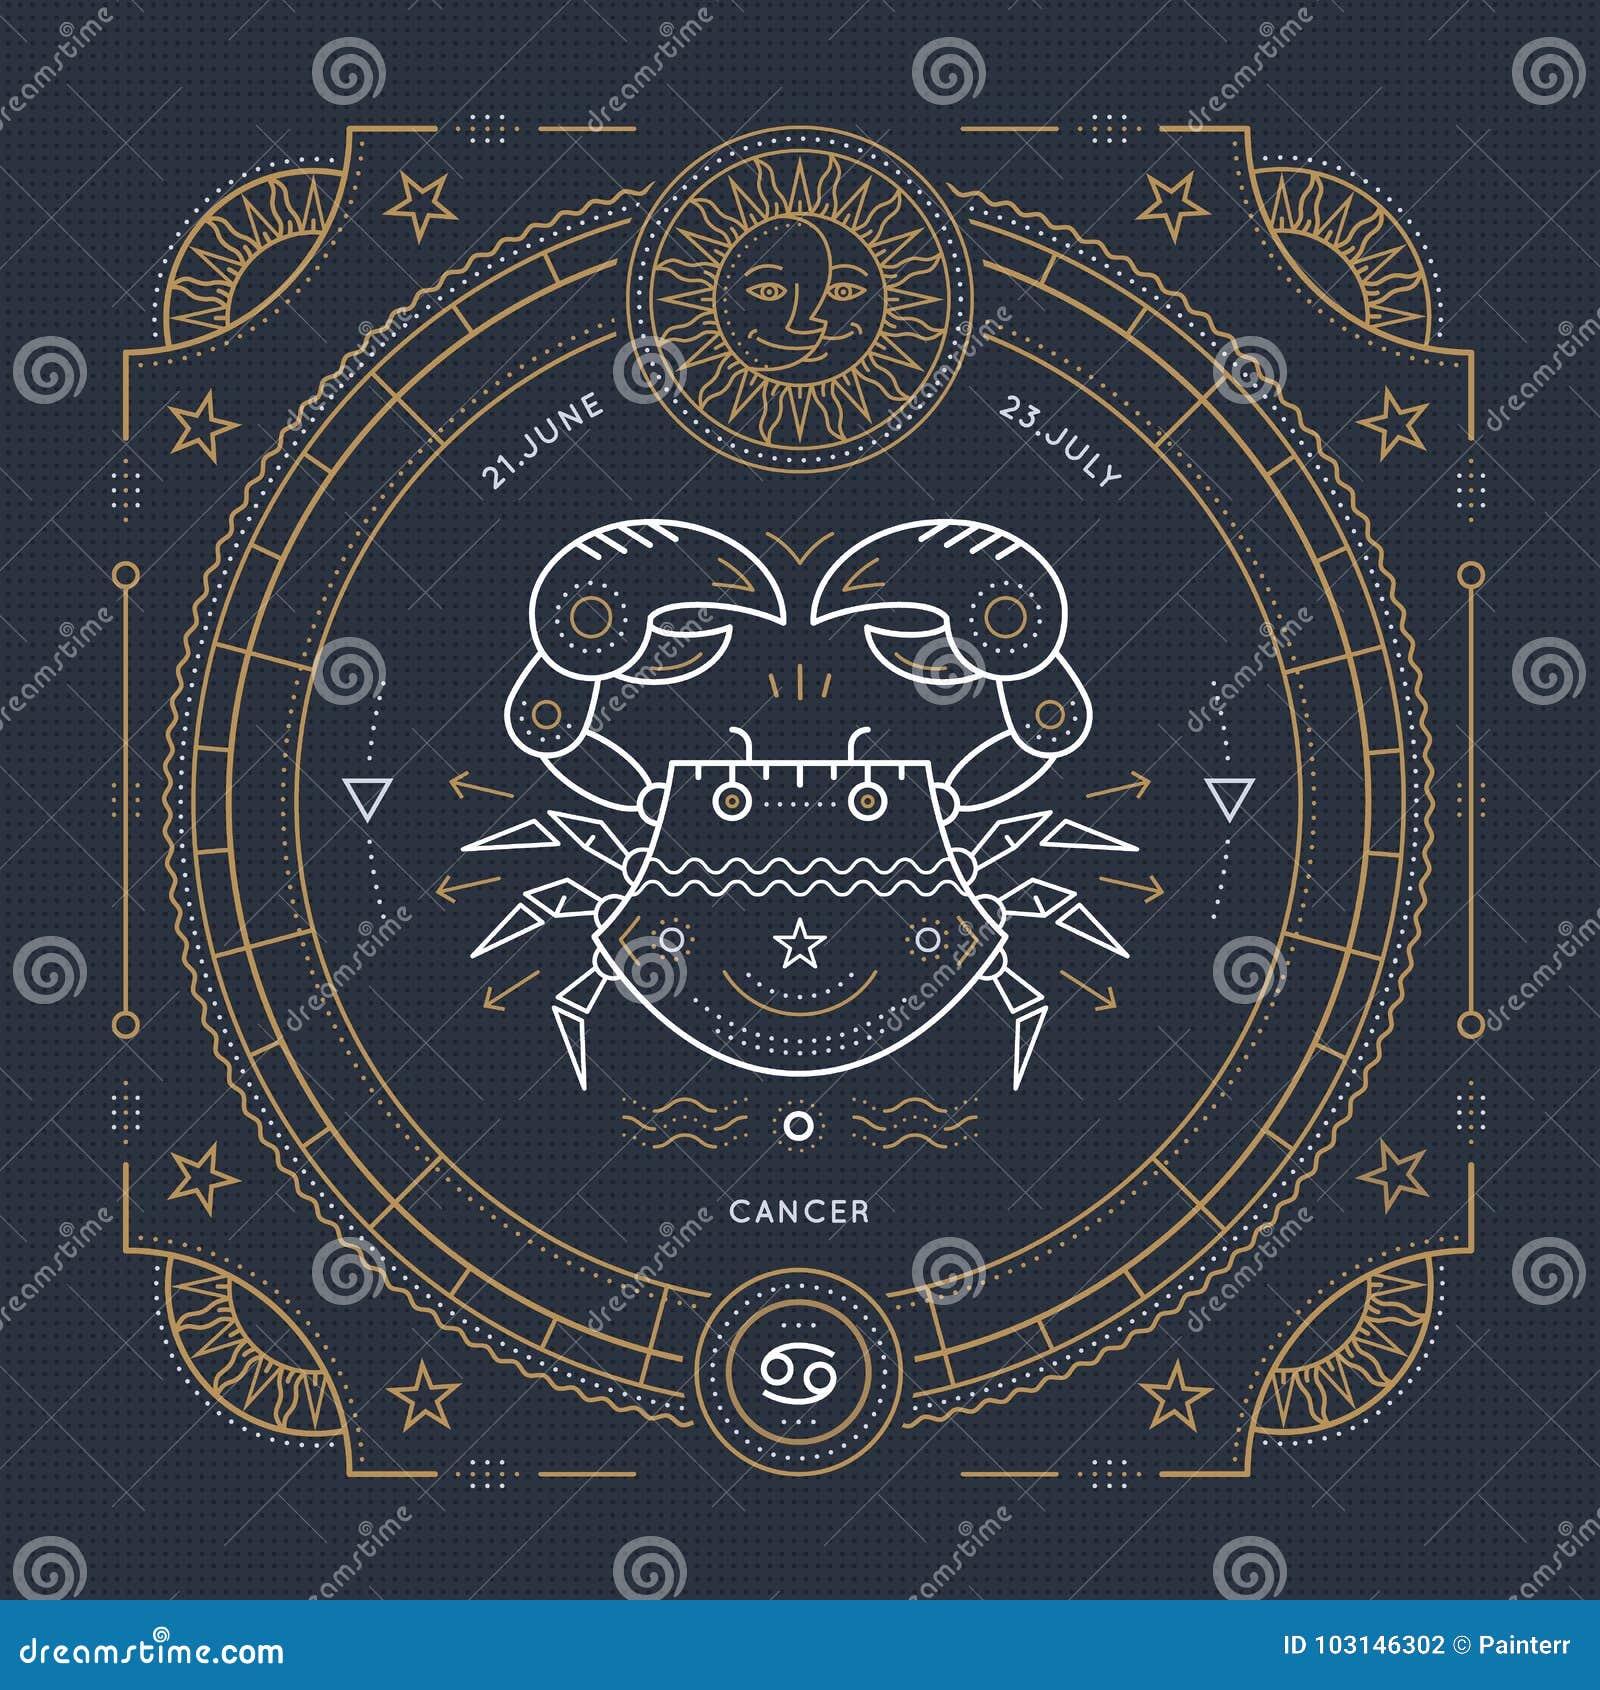 葡萄酒稀薄的线巨蟹星座黄道带标志标签 减速火箭的传染媒介占星术标志,神秘主义者,神圣的几何元素,象征